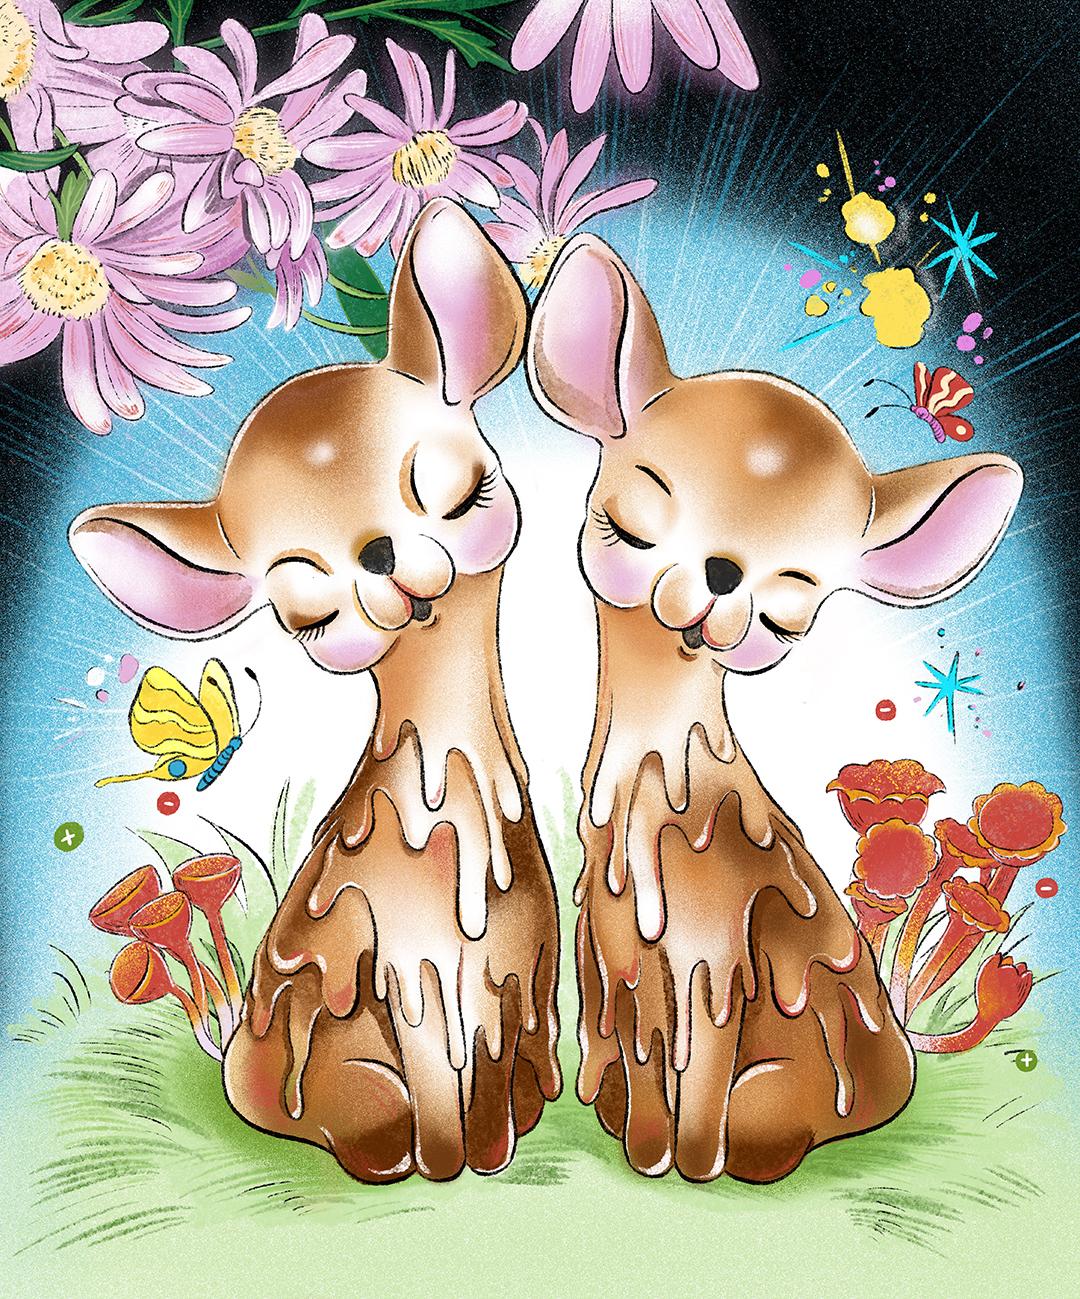 GirlsclubAsia-Illustrator-Sze_Yan-Barbarian_Flower-04